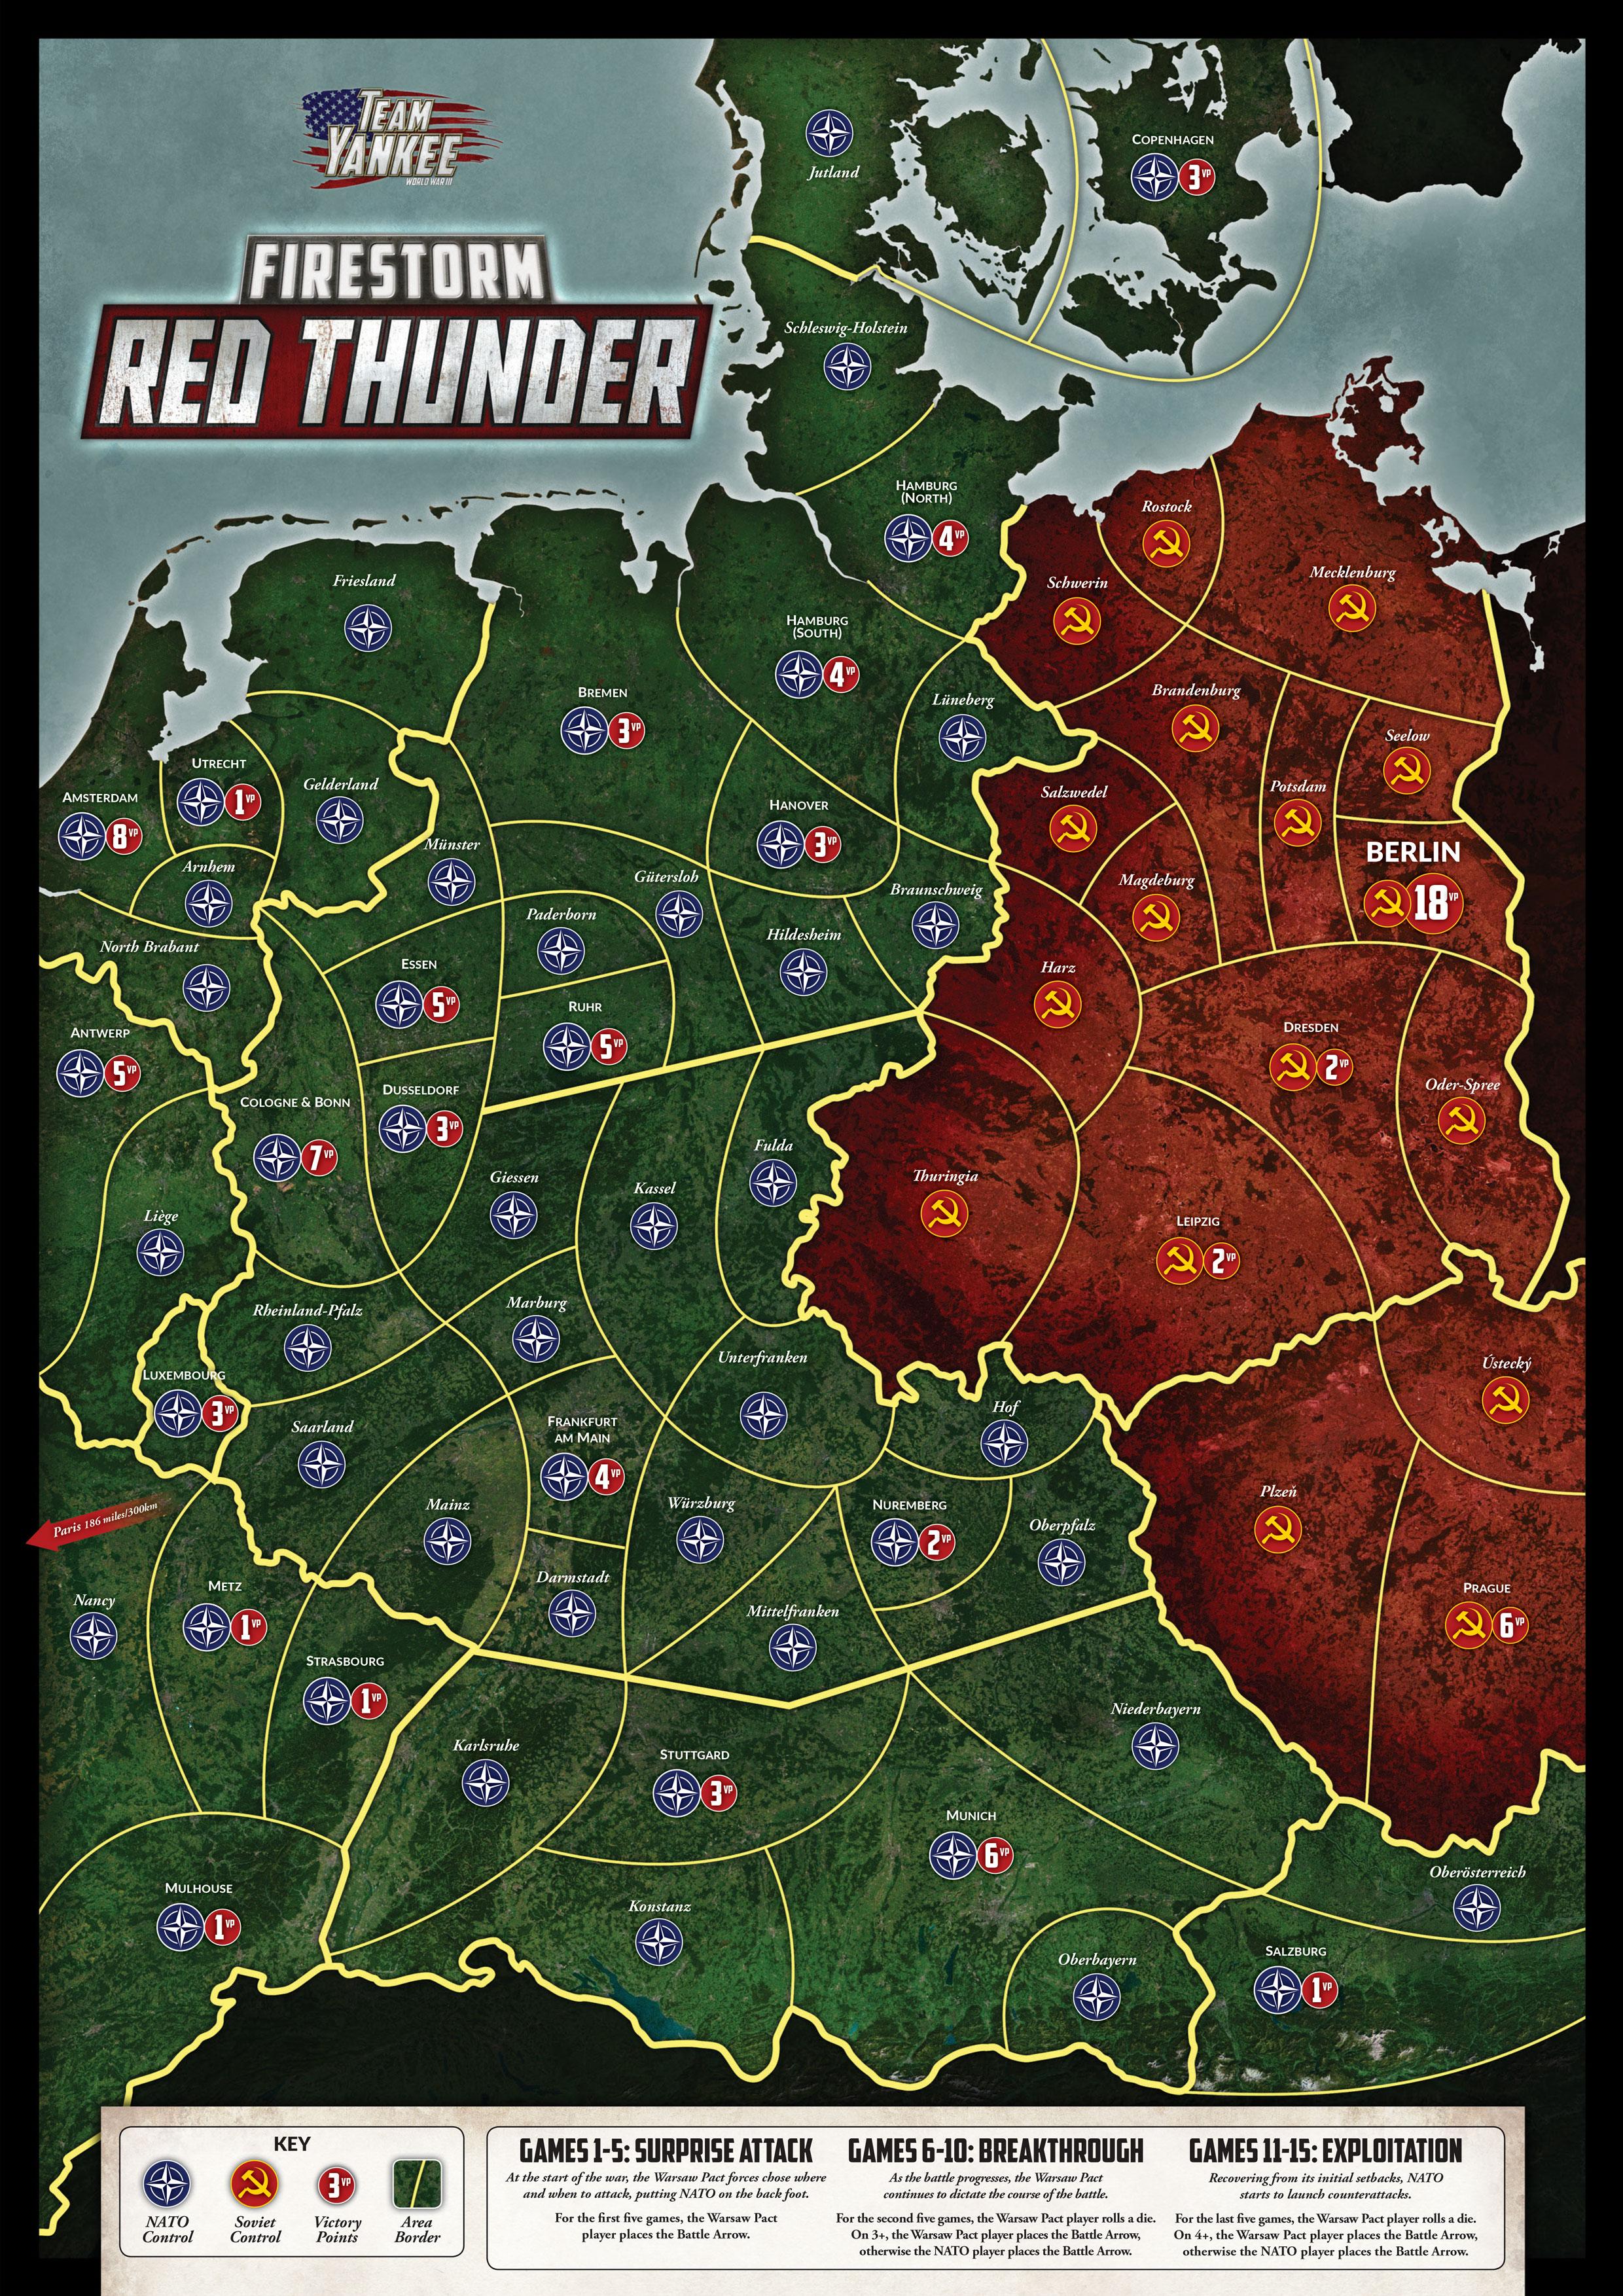 https://www.flamesofwar.com/Portals/0/Documents/Firestorm/TeamYankee/FireStorm-RedThunderMap-A4.jpg